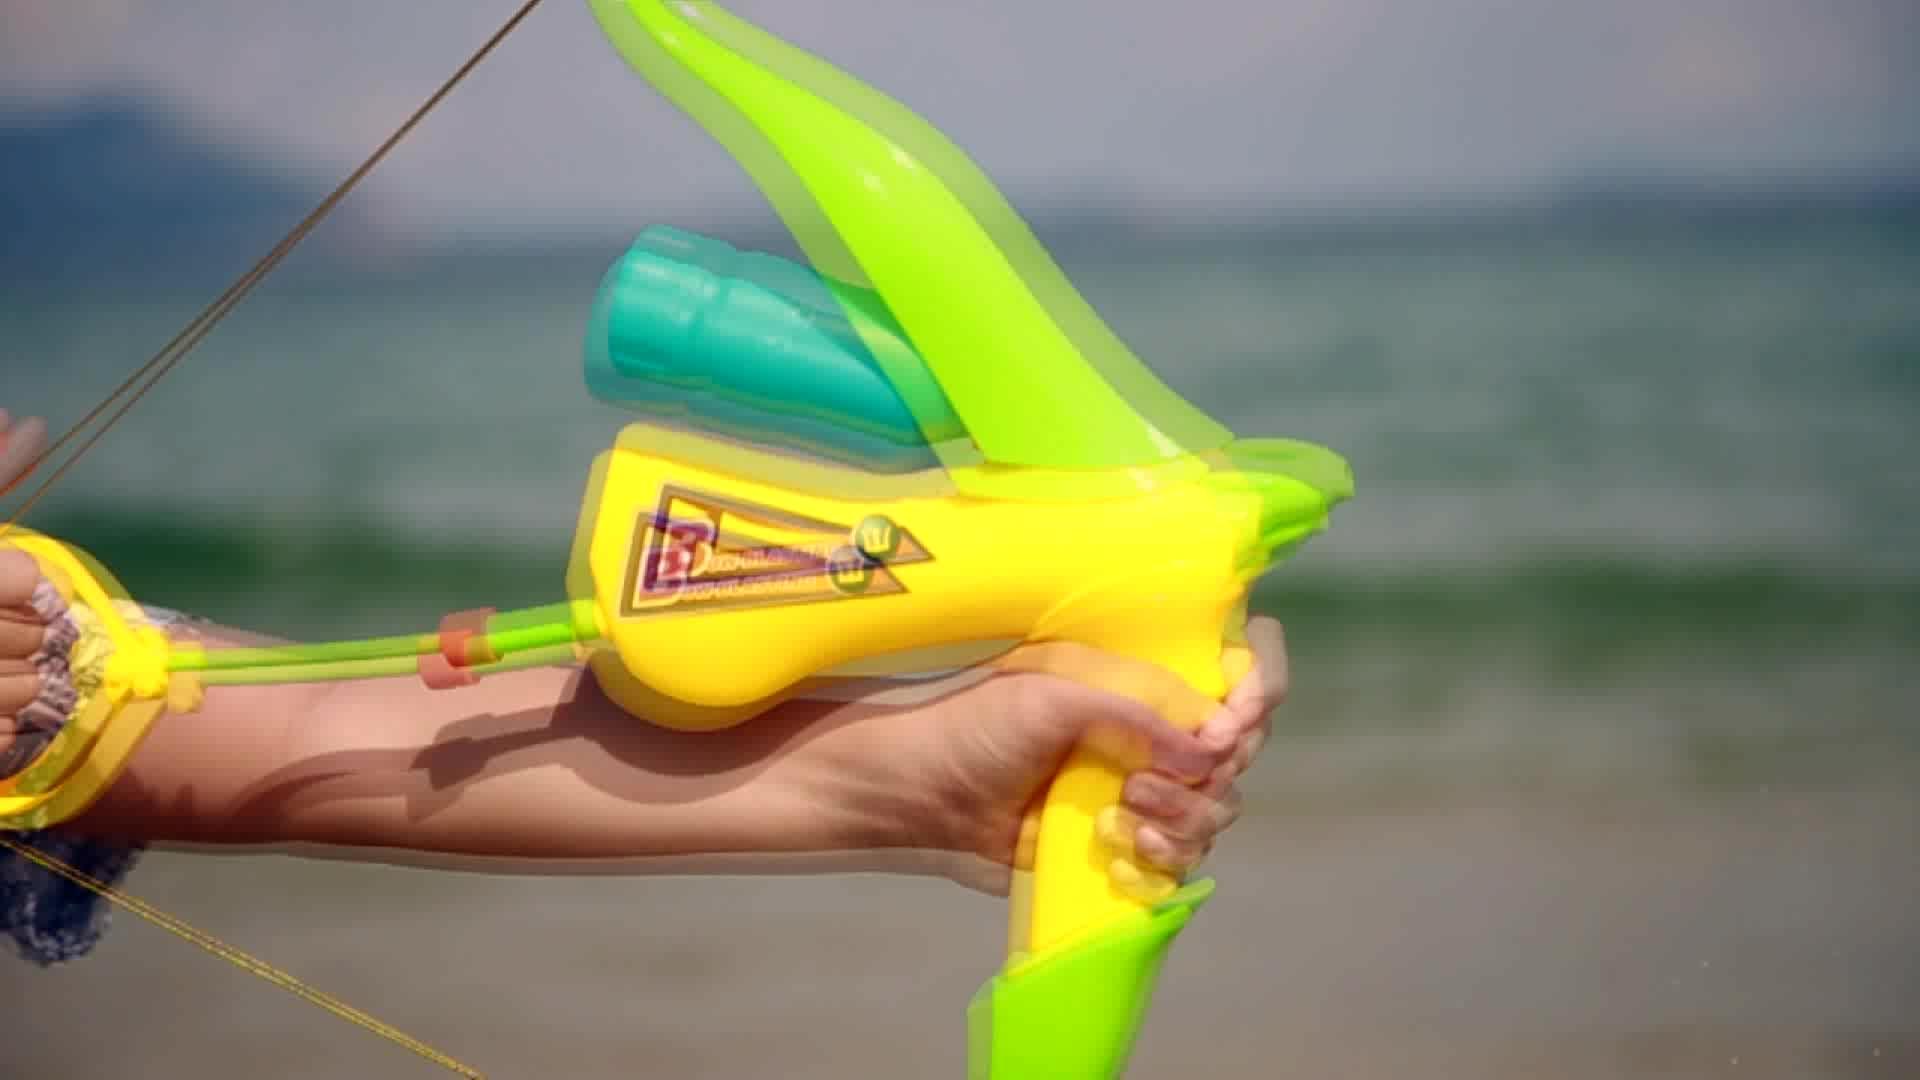 Cikoo Neue Kid Spielzeug Wasser Pistole Spiele Im Freien Bogen und Pfeil Bogenschießen Spielzeug für Kinder & Erwachsene China